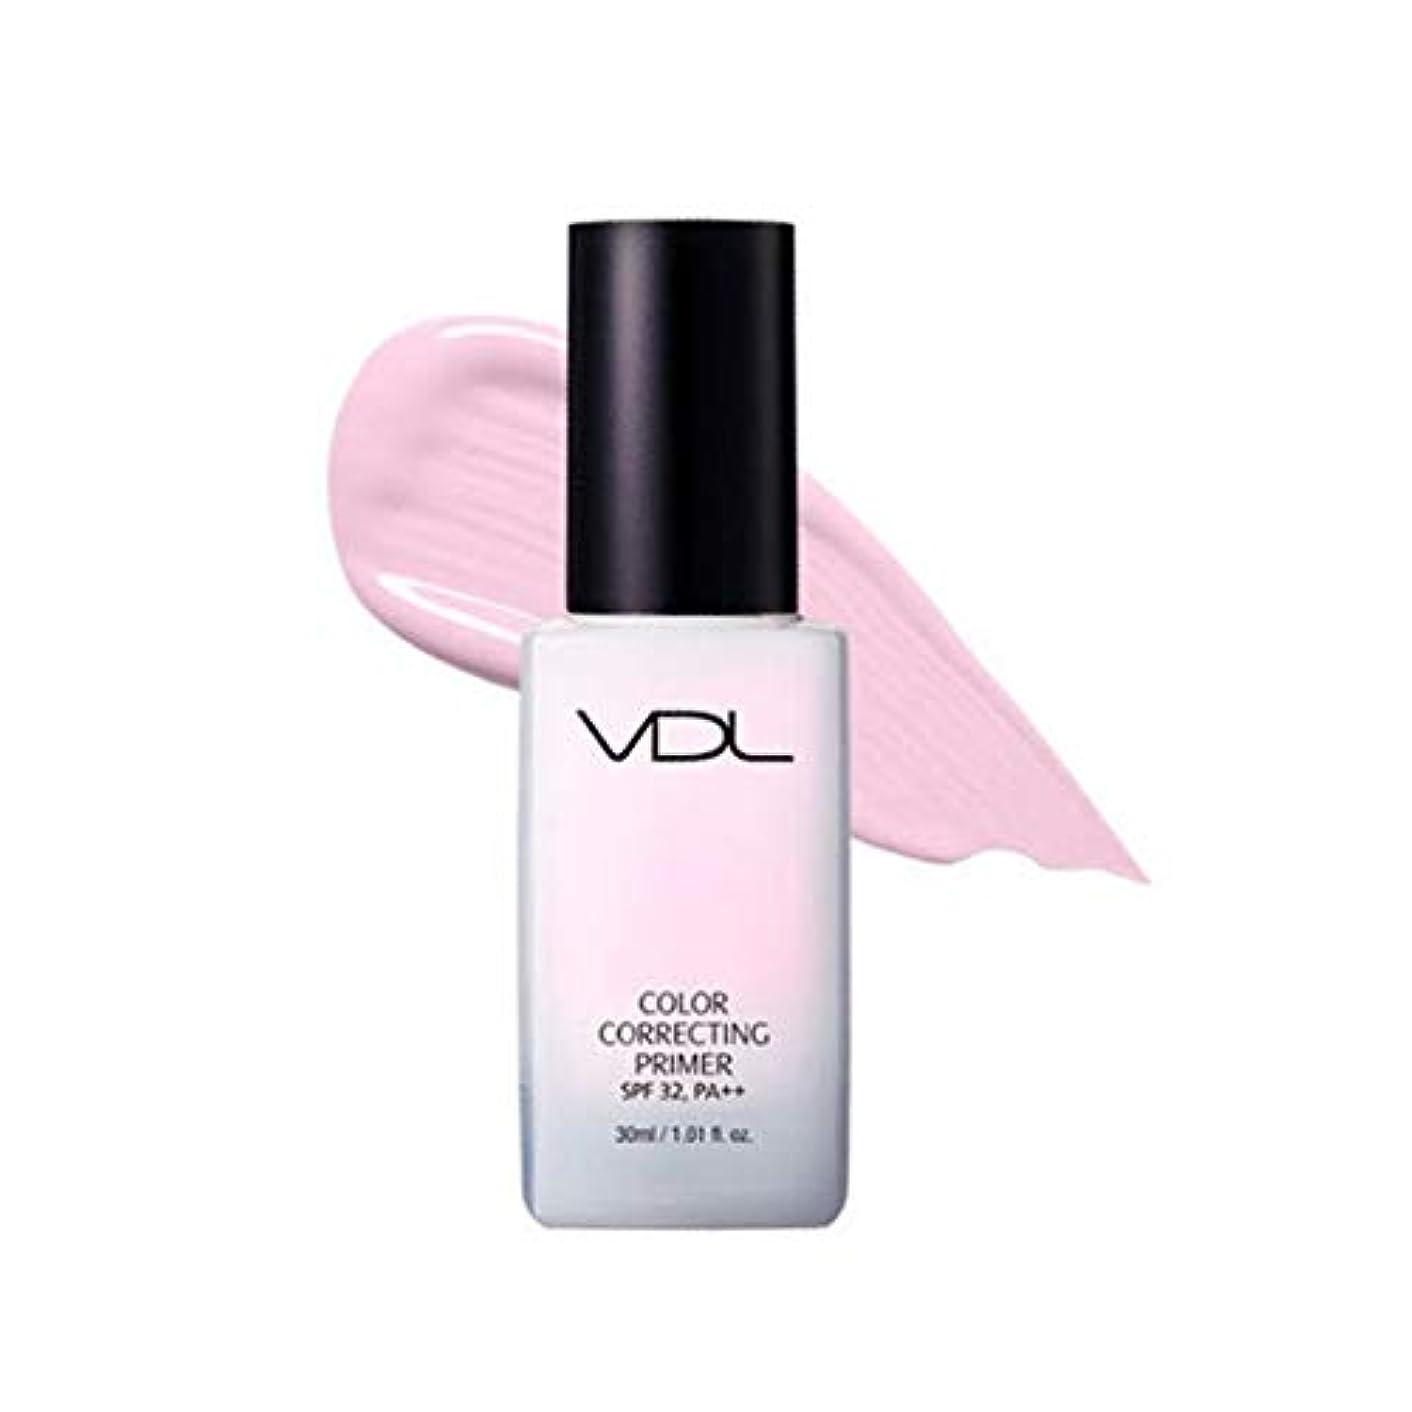 珍しい盟主指紋VDLカラーコレクティンプライマー30ml 3カラーメイクアップベース、VDL Color Correcting Primer 30ml 3-Colors Make-up Base [並行輸入品] (Lavender)